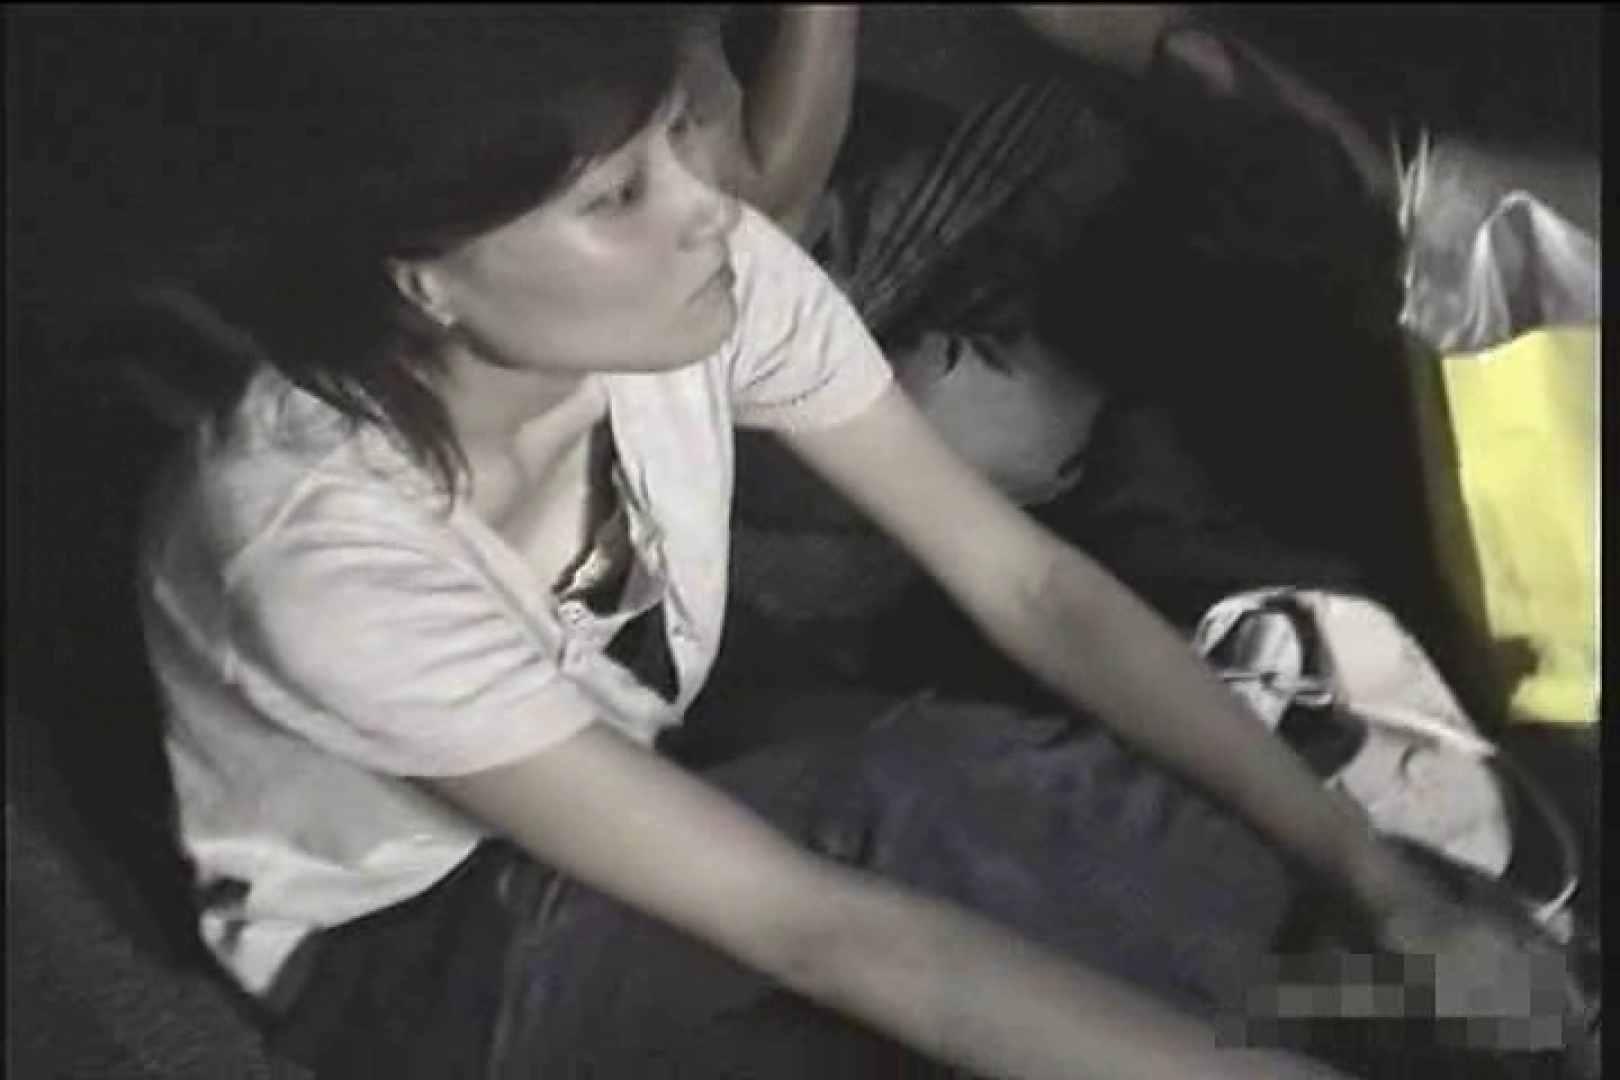 わくわく乳首探訪Vol.7 水着 おまんこ無修正動画無料 86pic 67